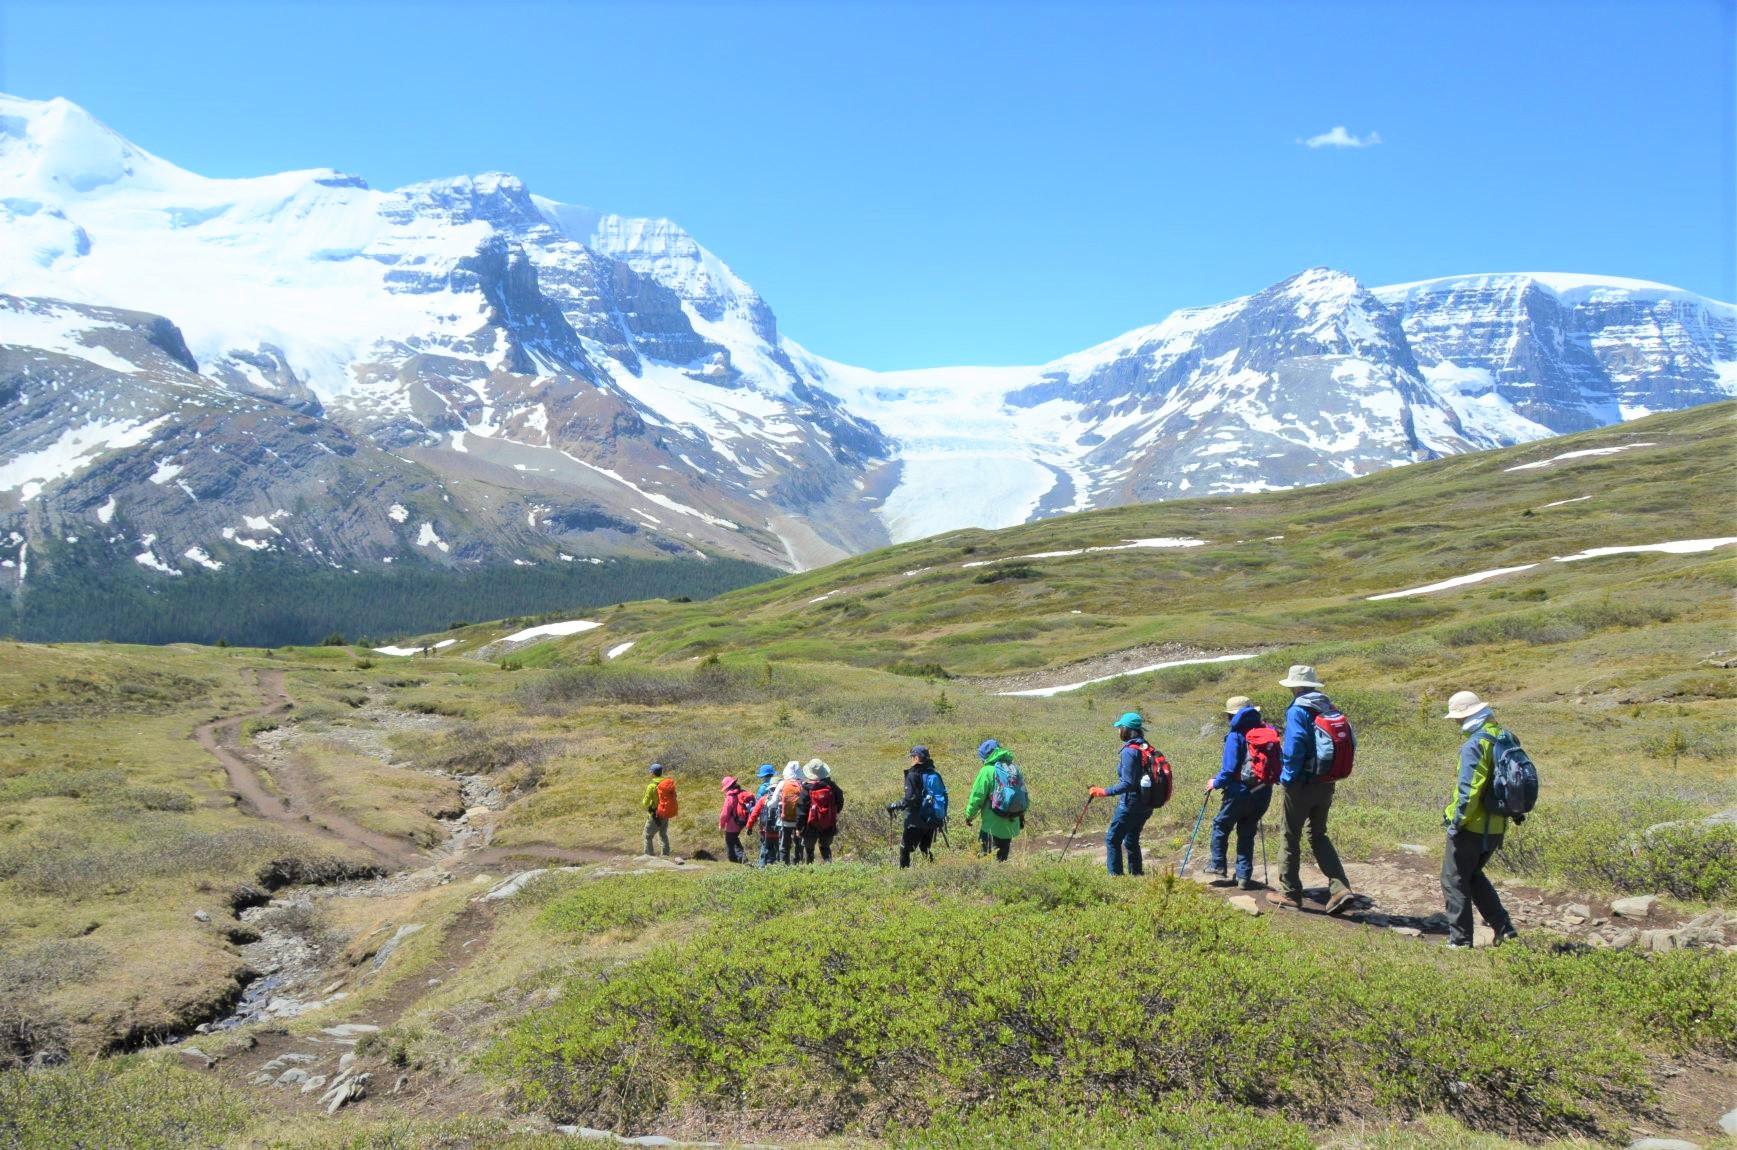 3,000m級の山々と氷河の絶景が広がるウィルコックスメドウにて(3日目)